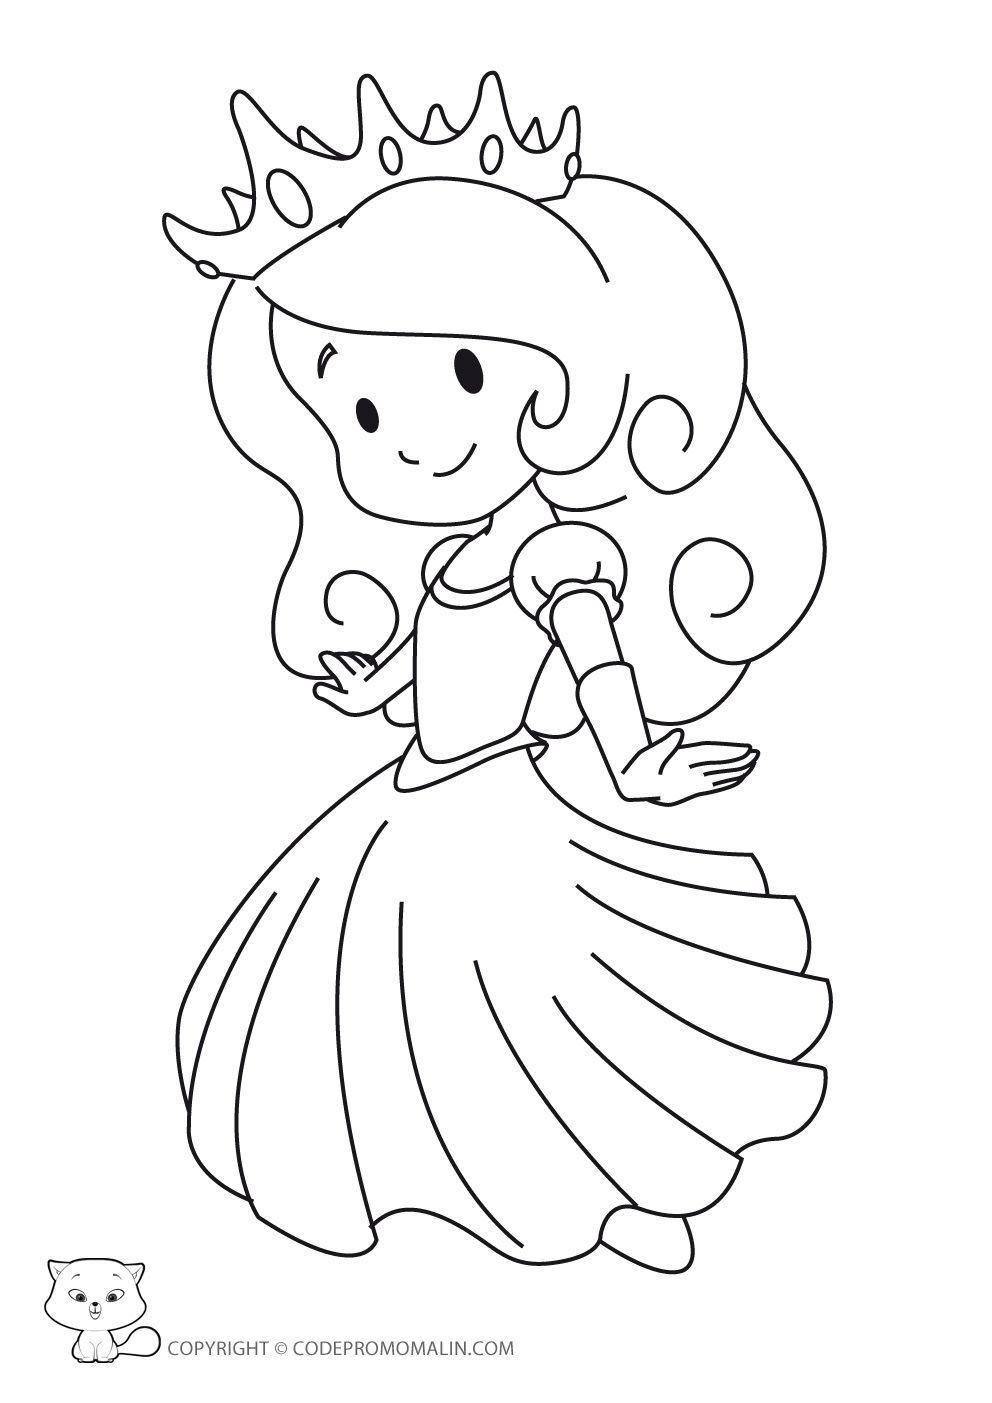 Coloriage Princesse À Colorier - Dessin À Imprimer destiné Dessins À Colorier Gratuit À Imprimer